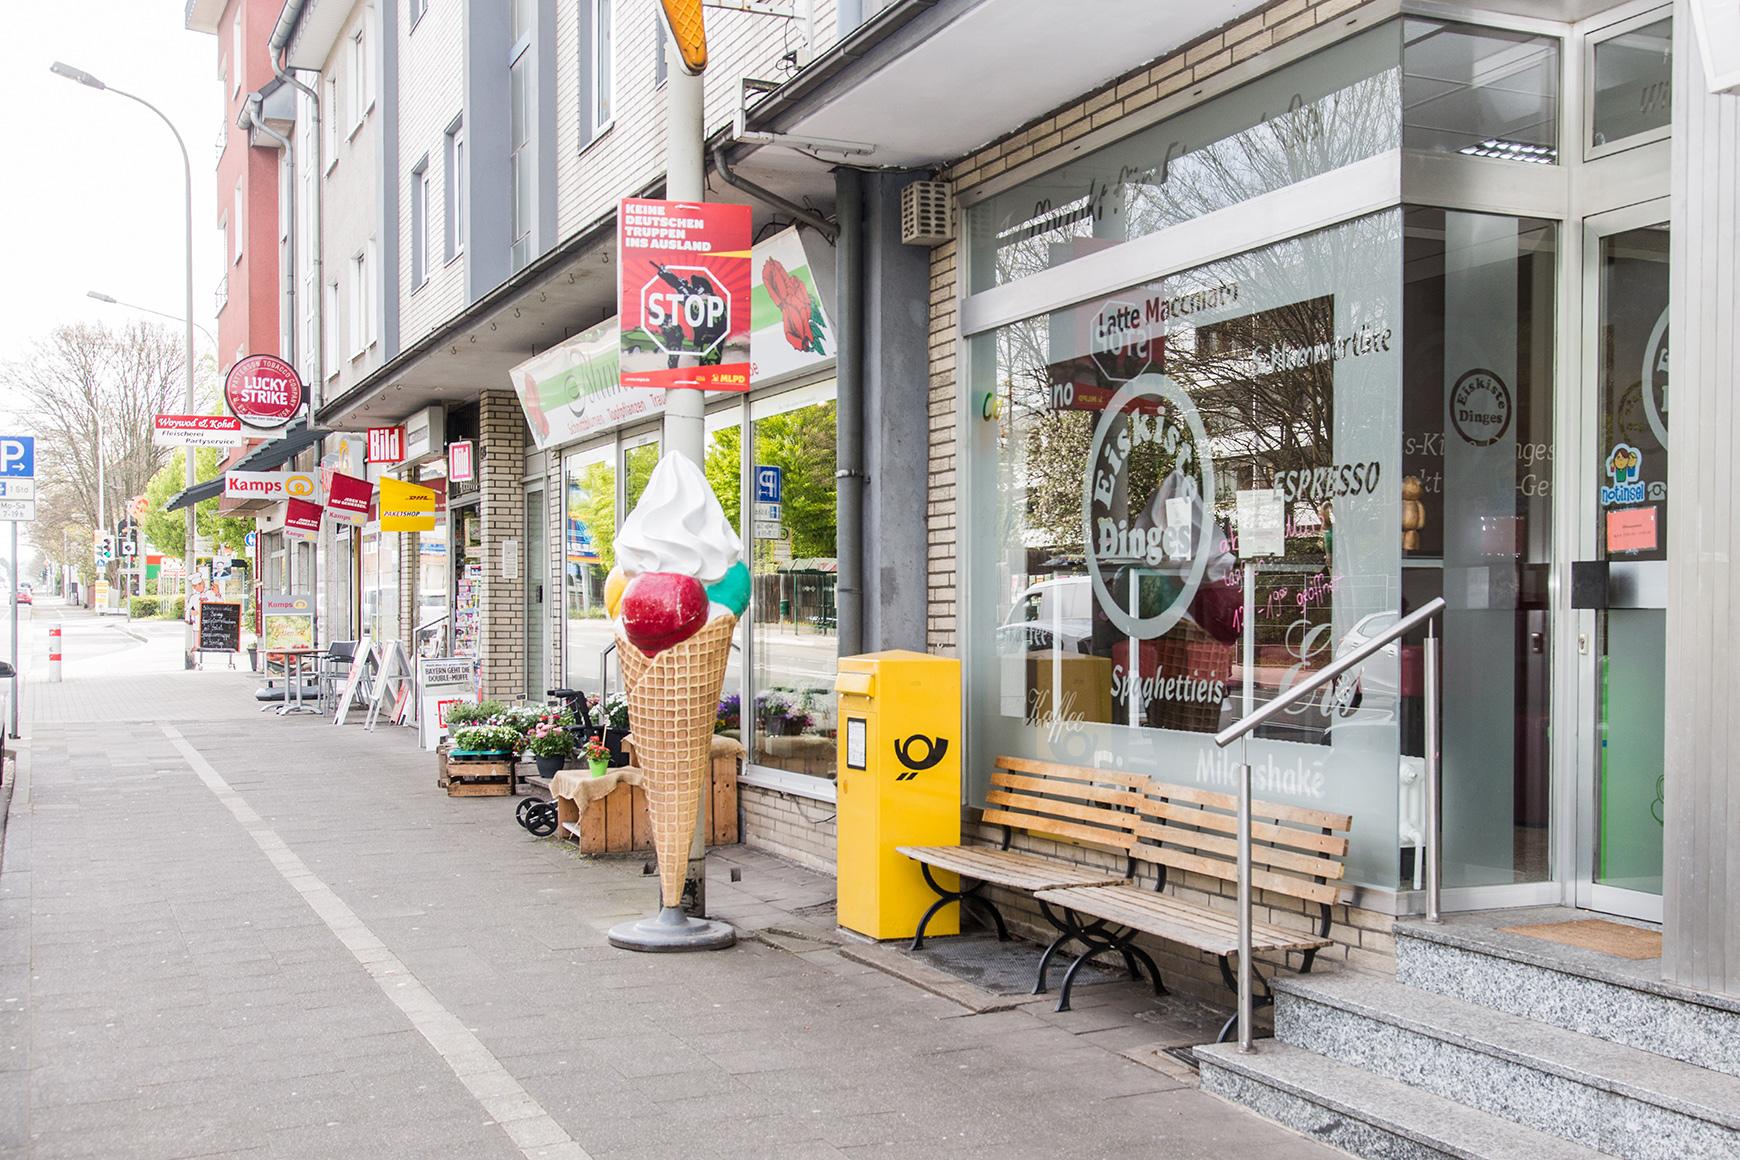 Eisdiele Dinges Walderstraße 272